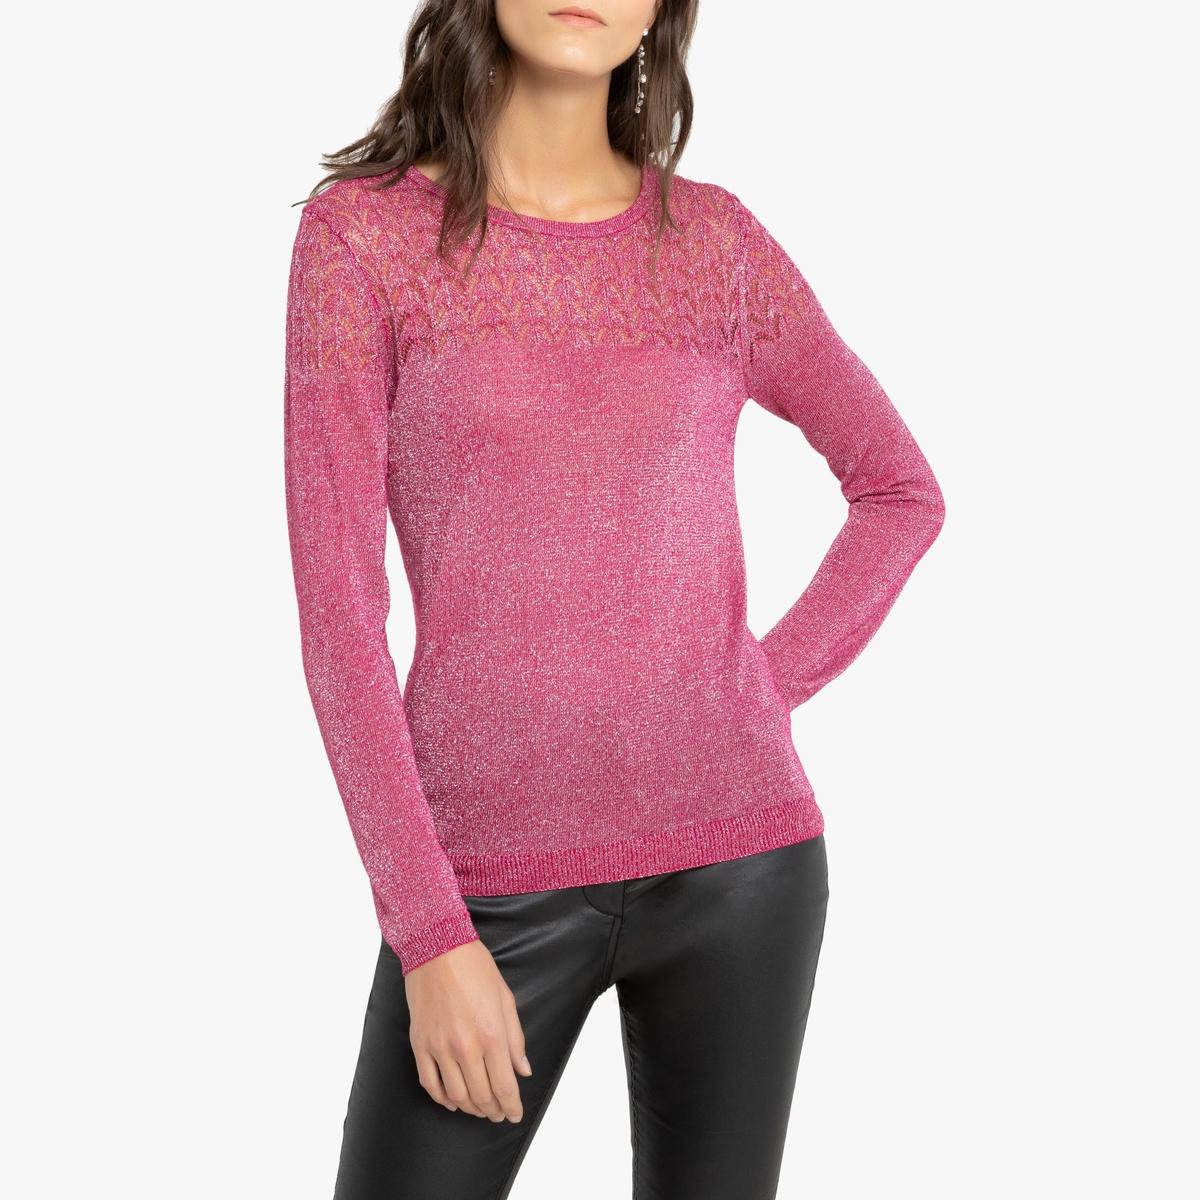 Пуловер La Redoute С круглым вырезом из тонкого ажурного трикотажа 46/48 (FR) - 52/54 (RUS) розовый пуловер la redoute с капюшоном из тонкого трикотажа 42 44 fr 48 50 rus красный